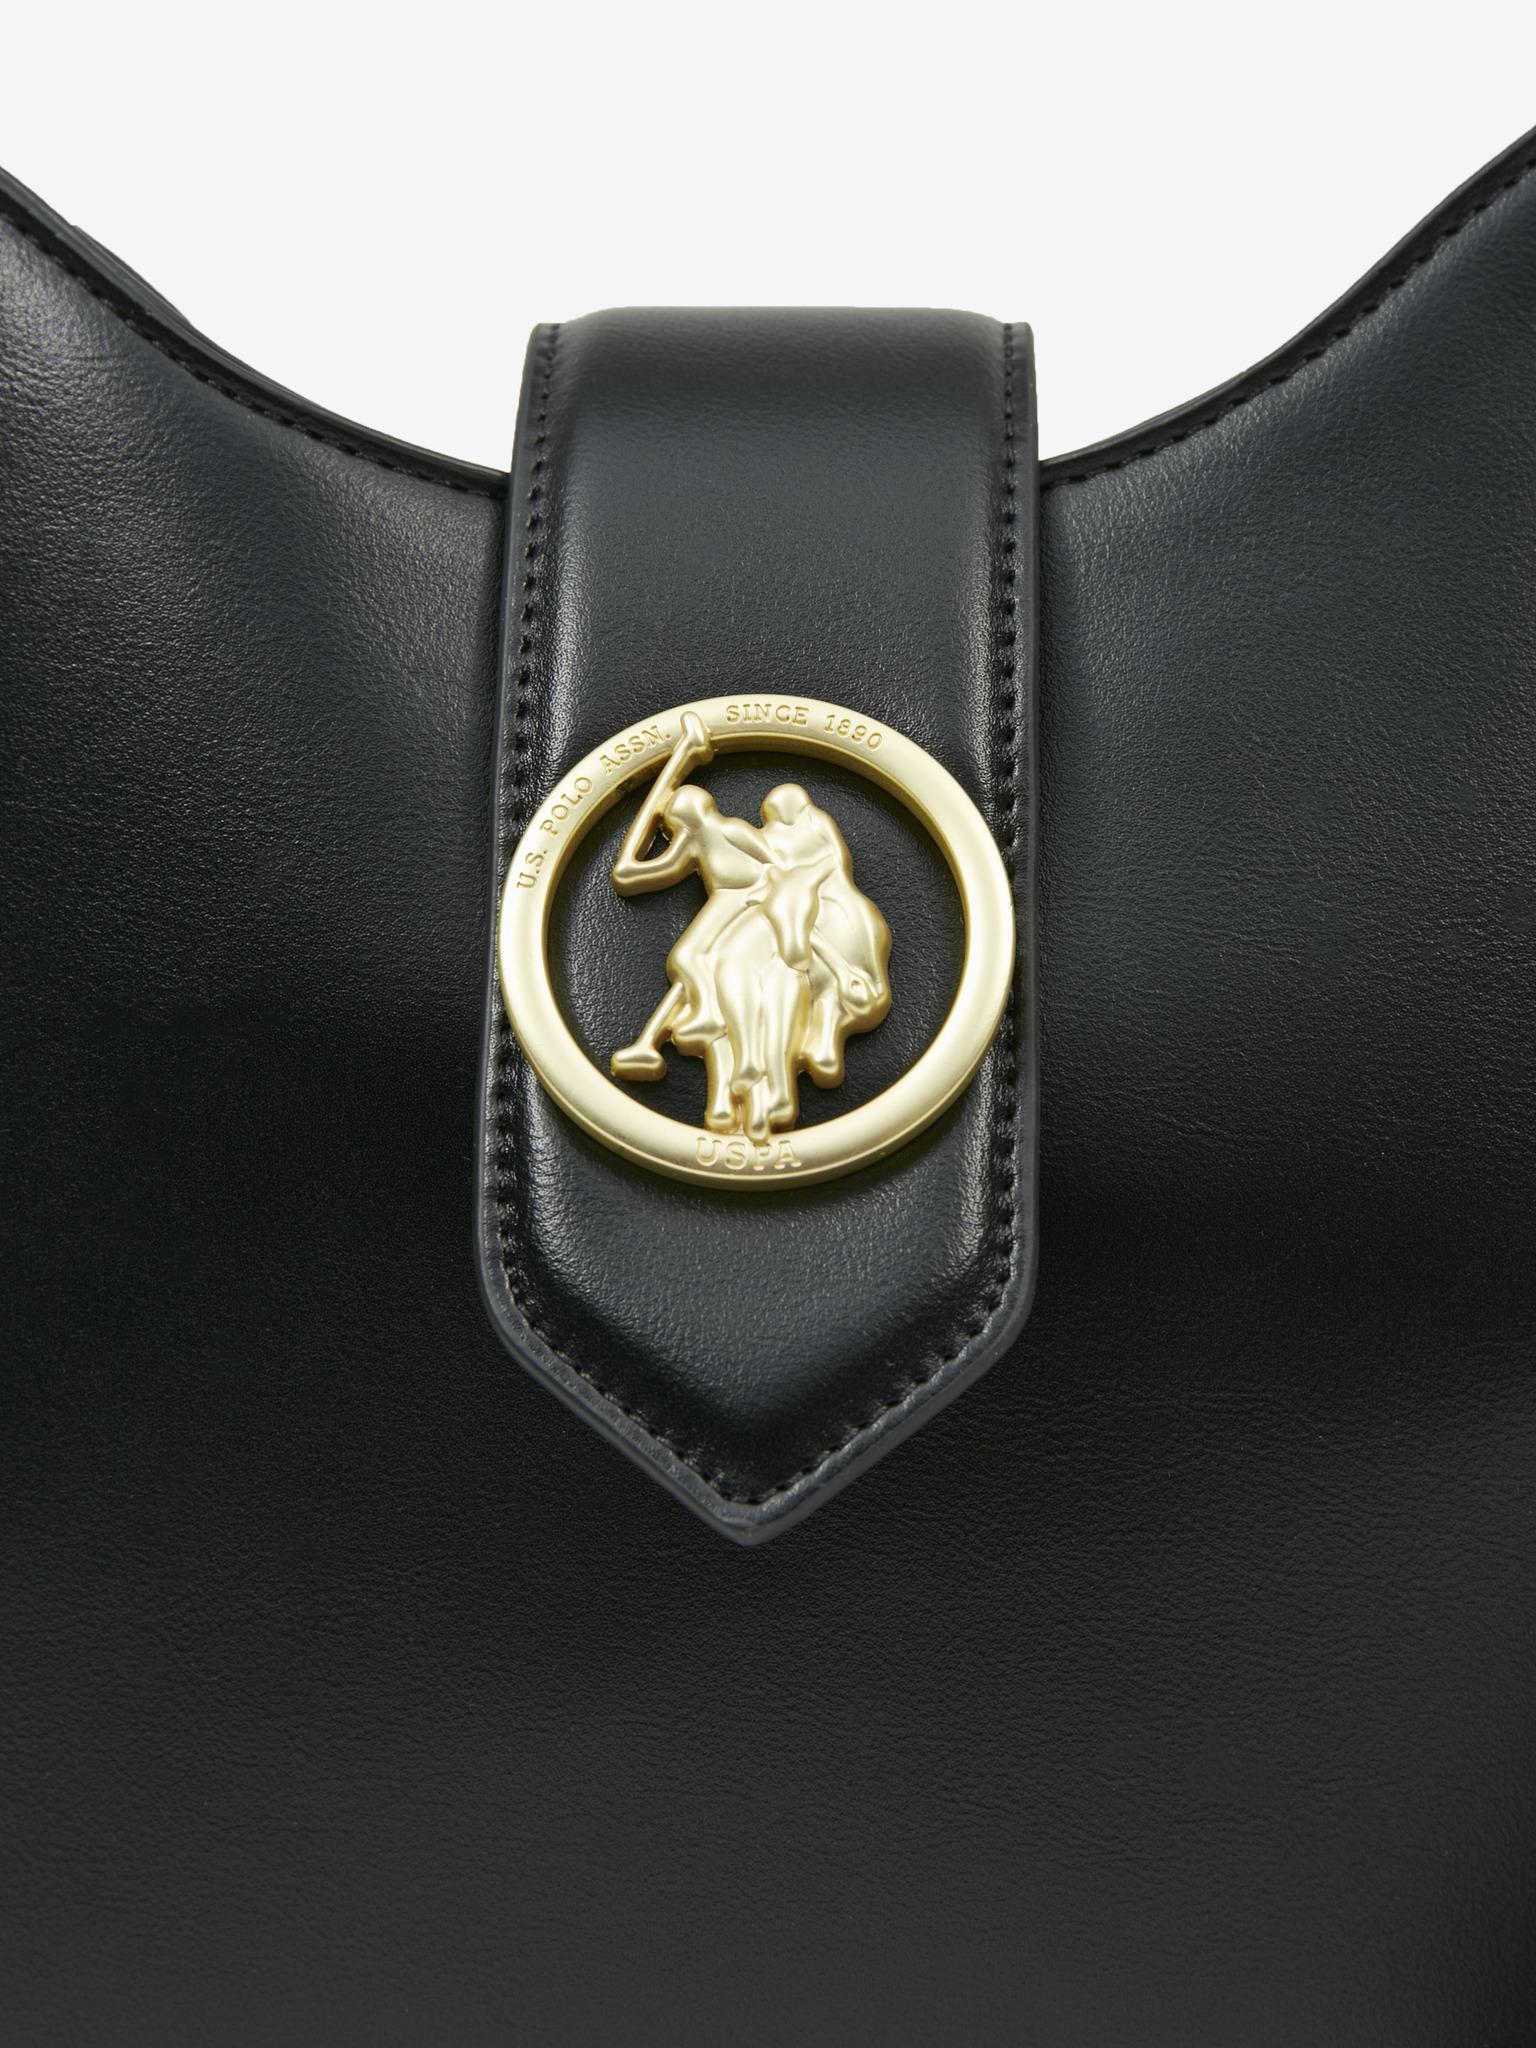 U.S. Polo Assn. Borsetta donna nero  Hobo